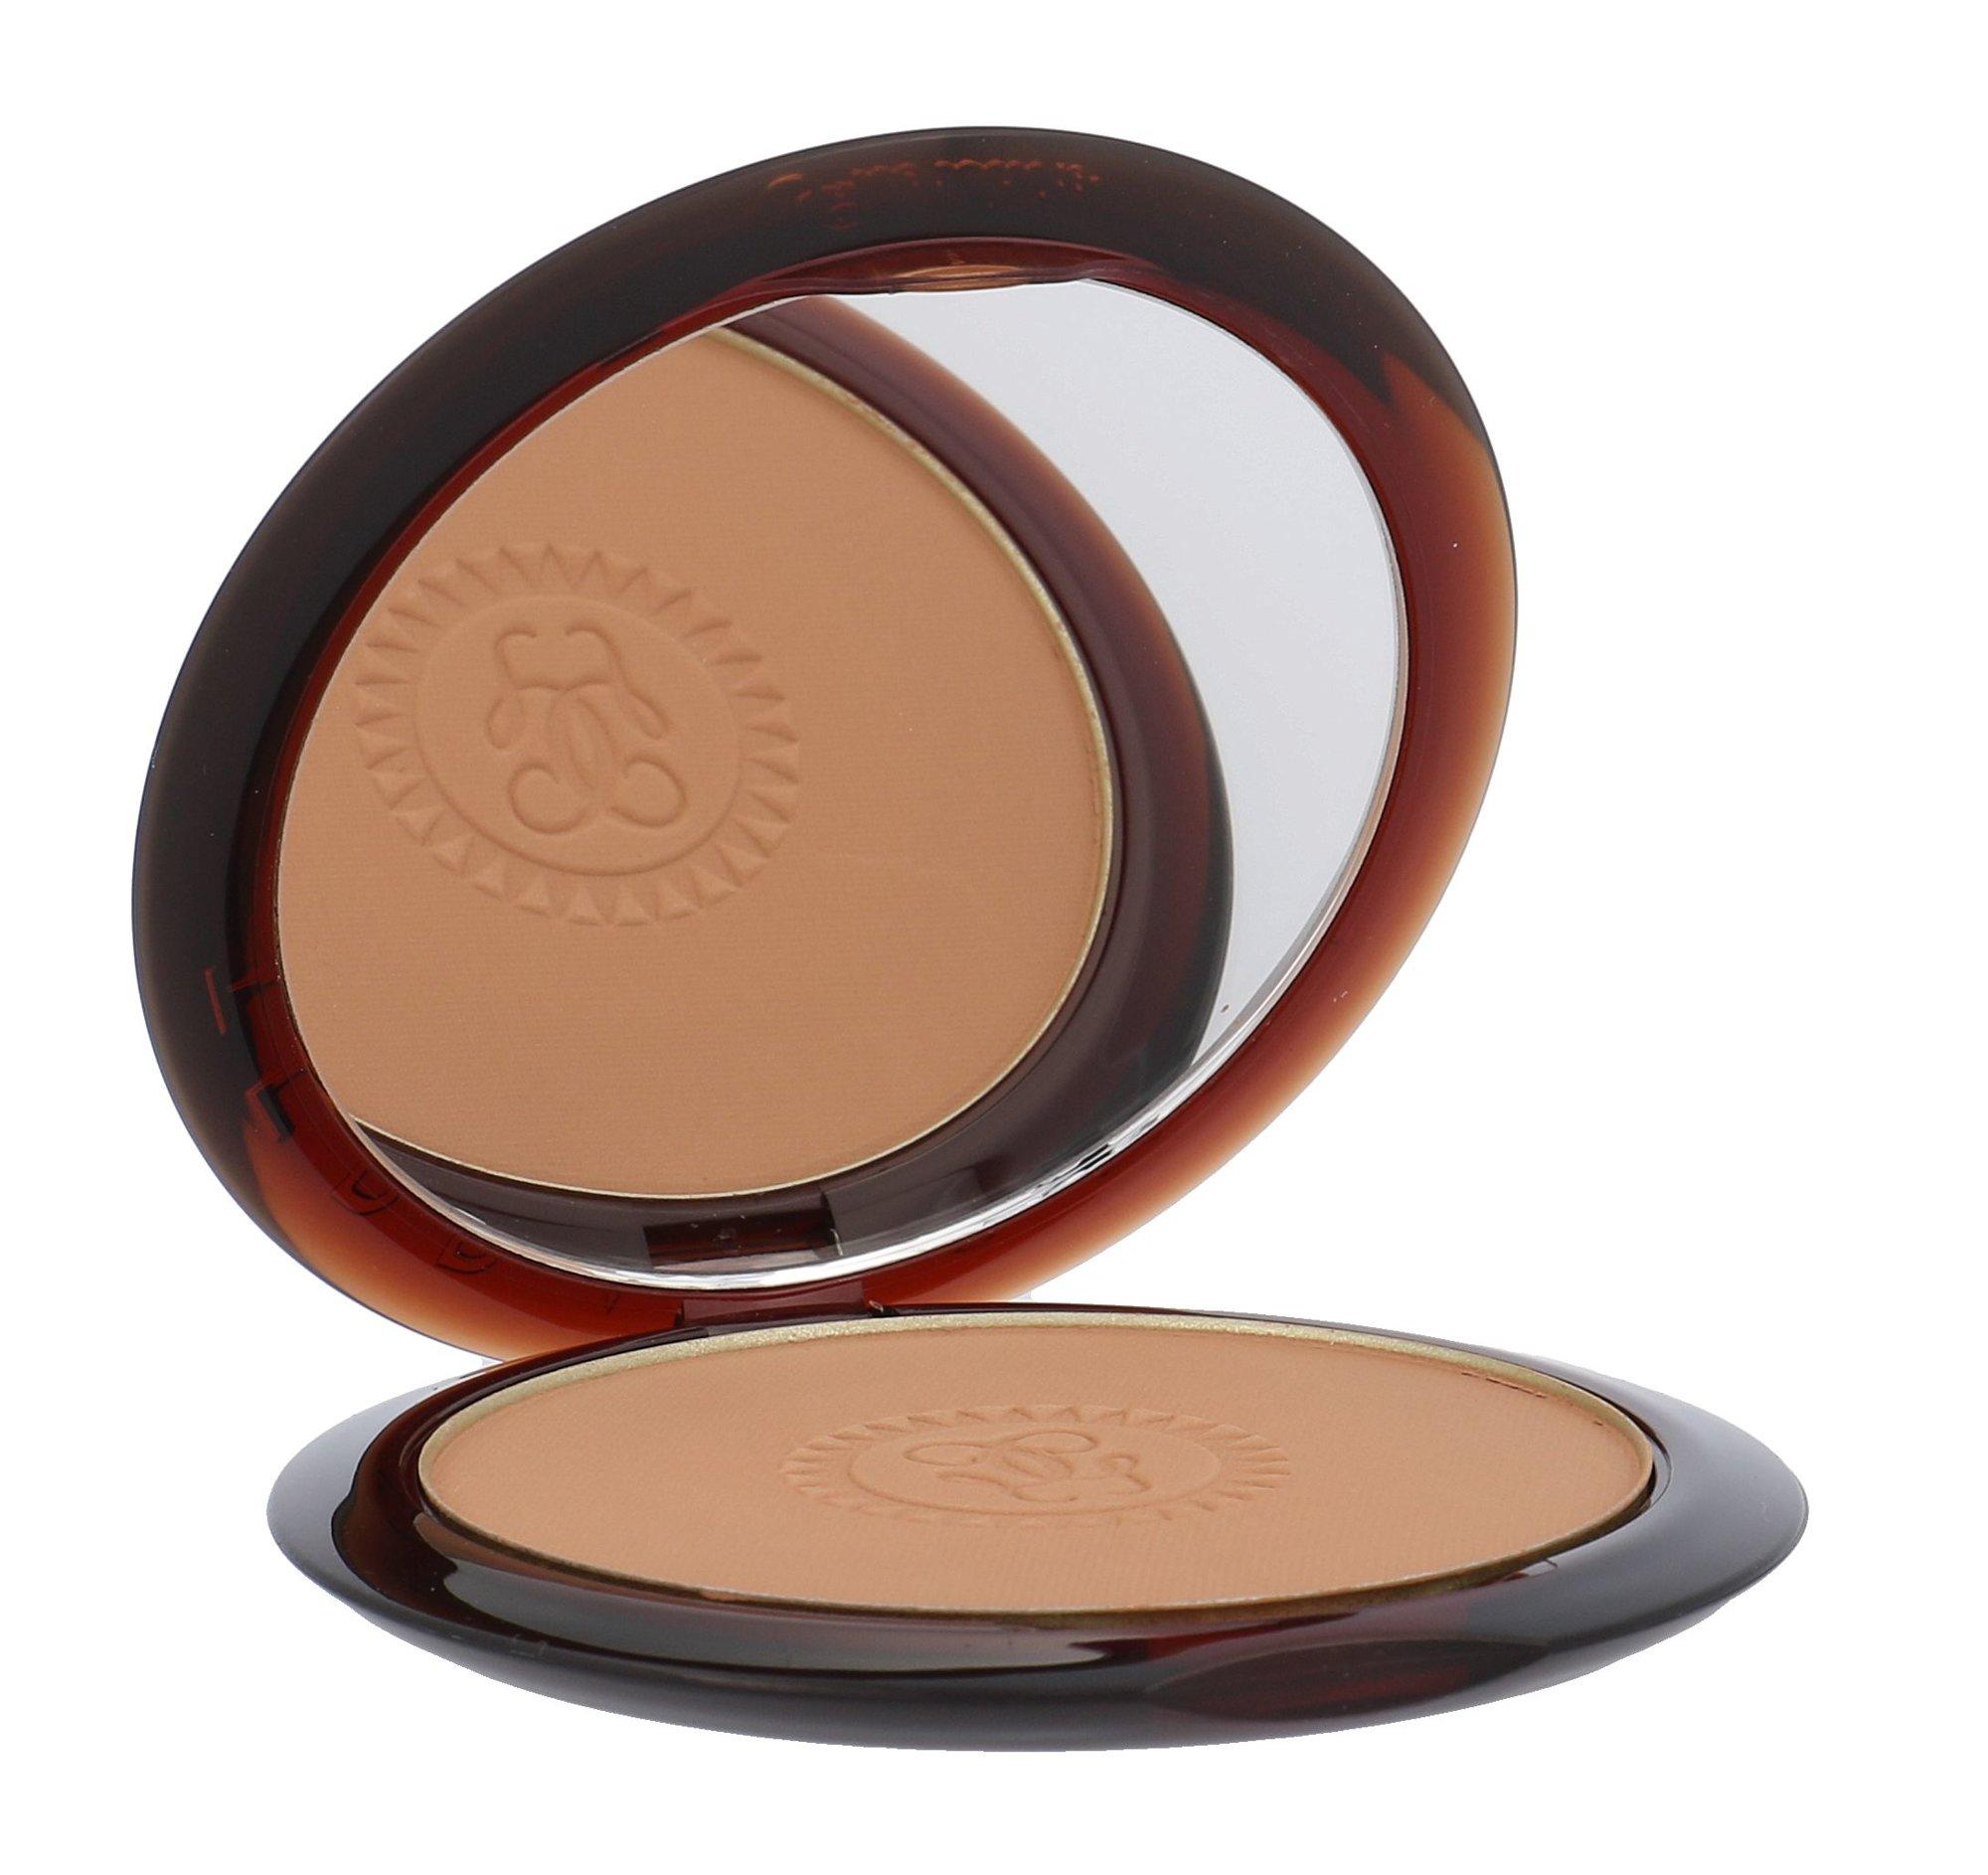 Guerlain Terracotta Cosmetic 10ml 01 Light-Brunettes